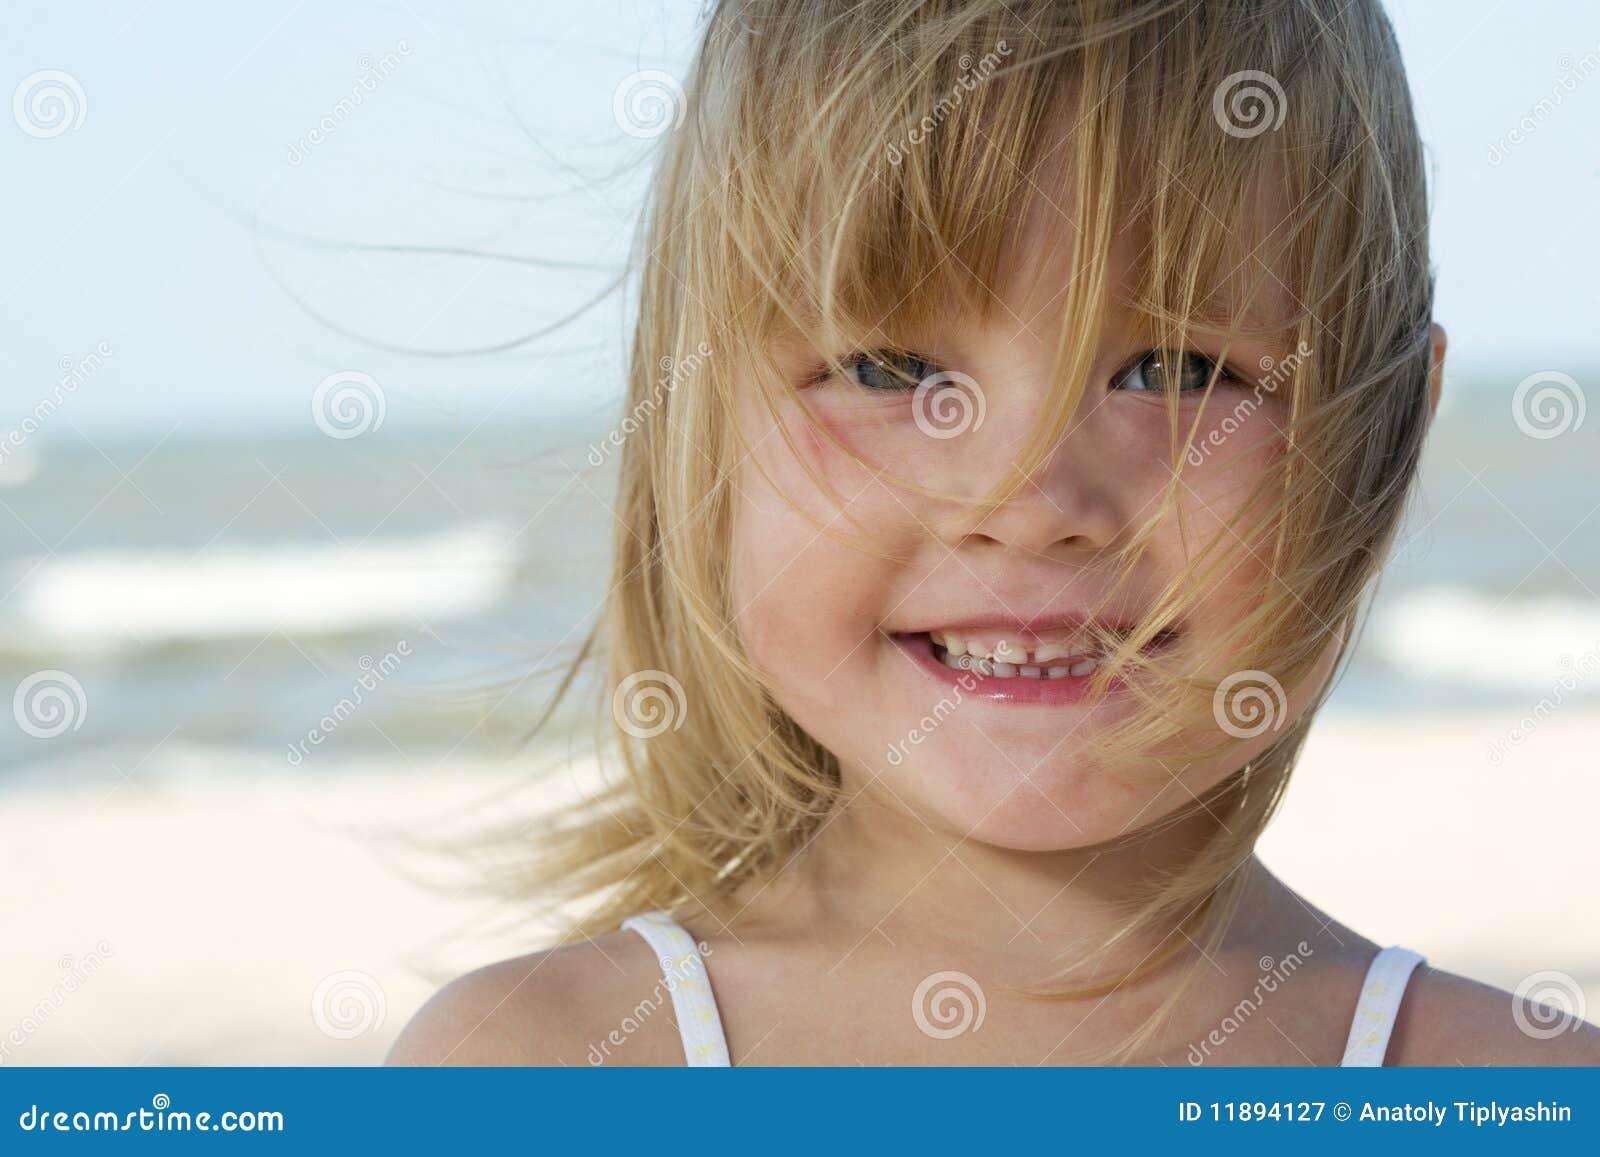 Фото маленька девочка и ее пися, Девочка созрела? Самые скандальные фотосессии юных 28 фотография